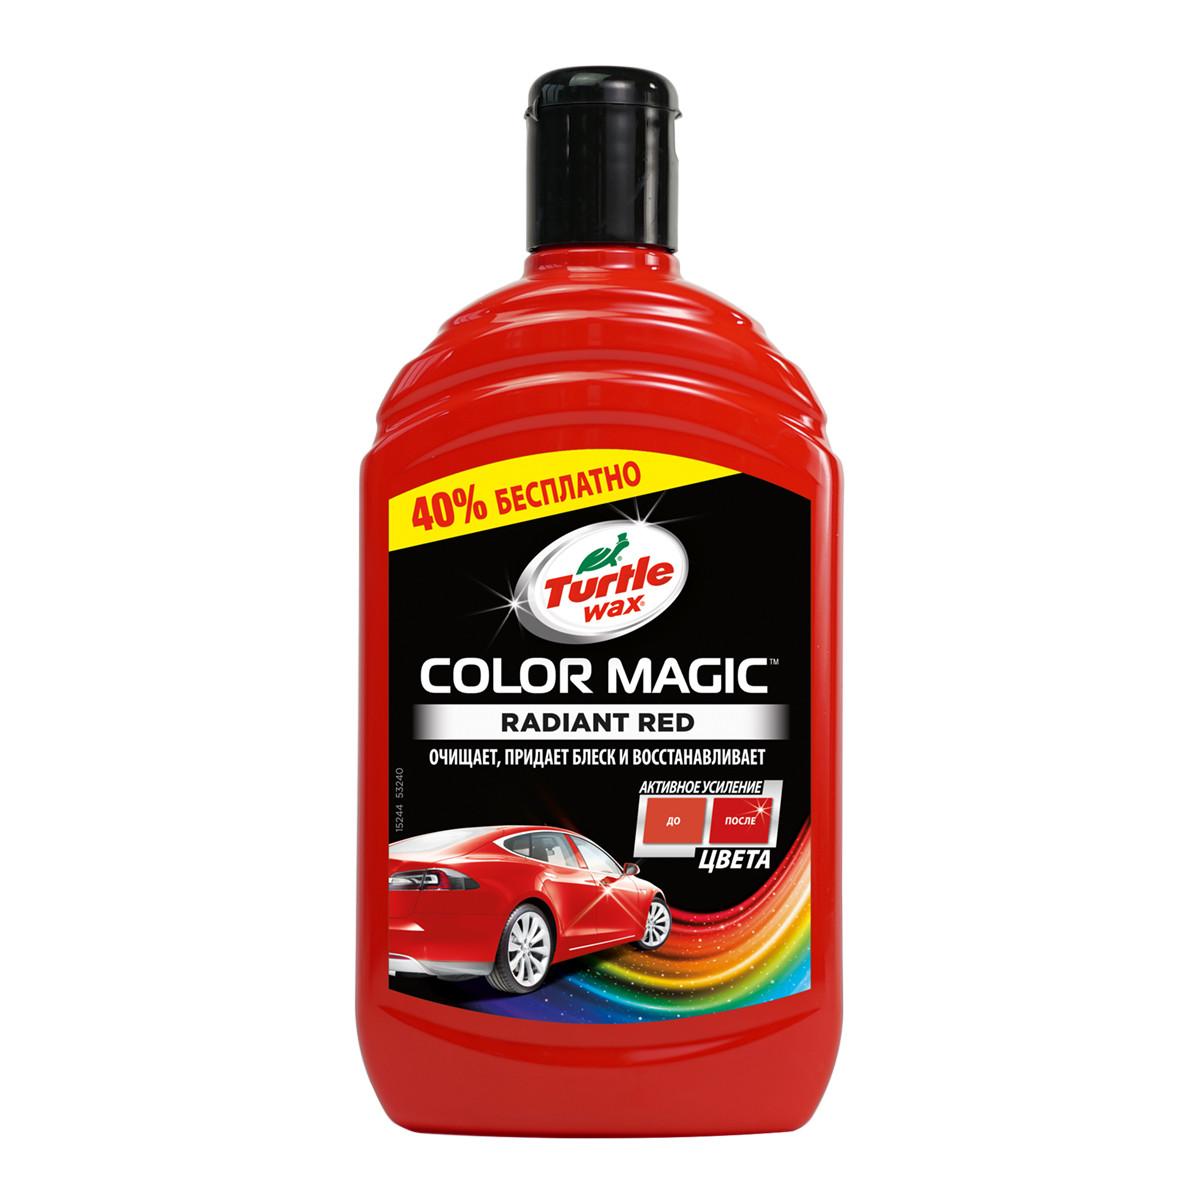 Кольоровий поліроль з воском Turtle Wax Color Magic Radiant Red 500 мл Червоний (53240)